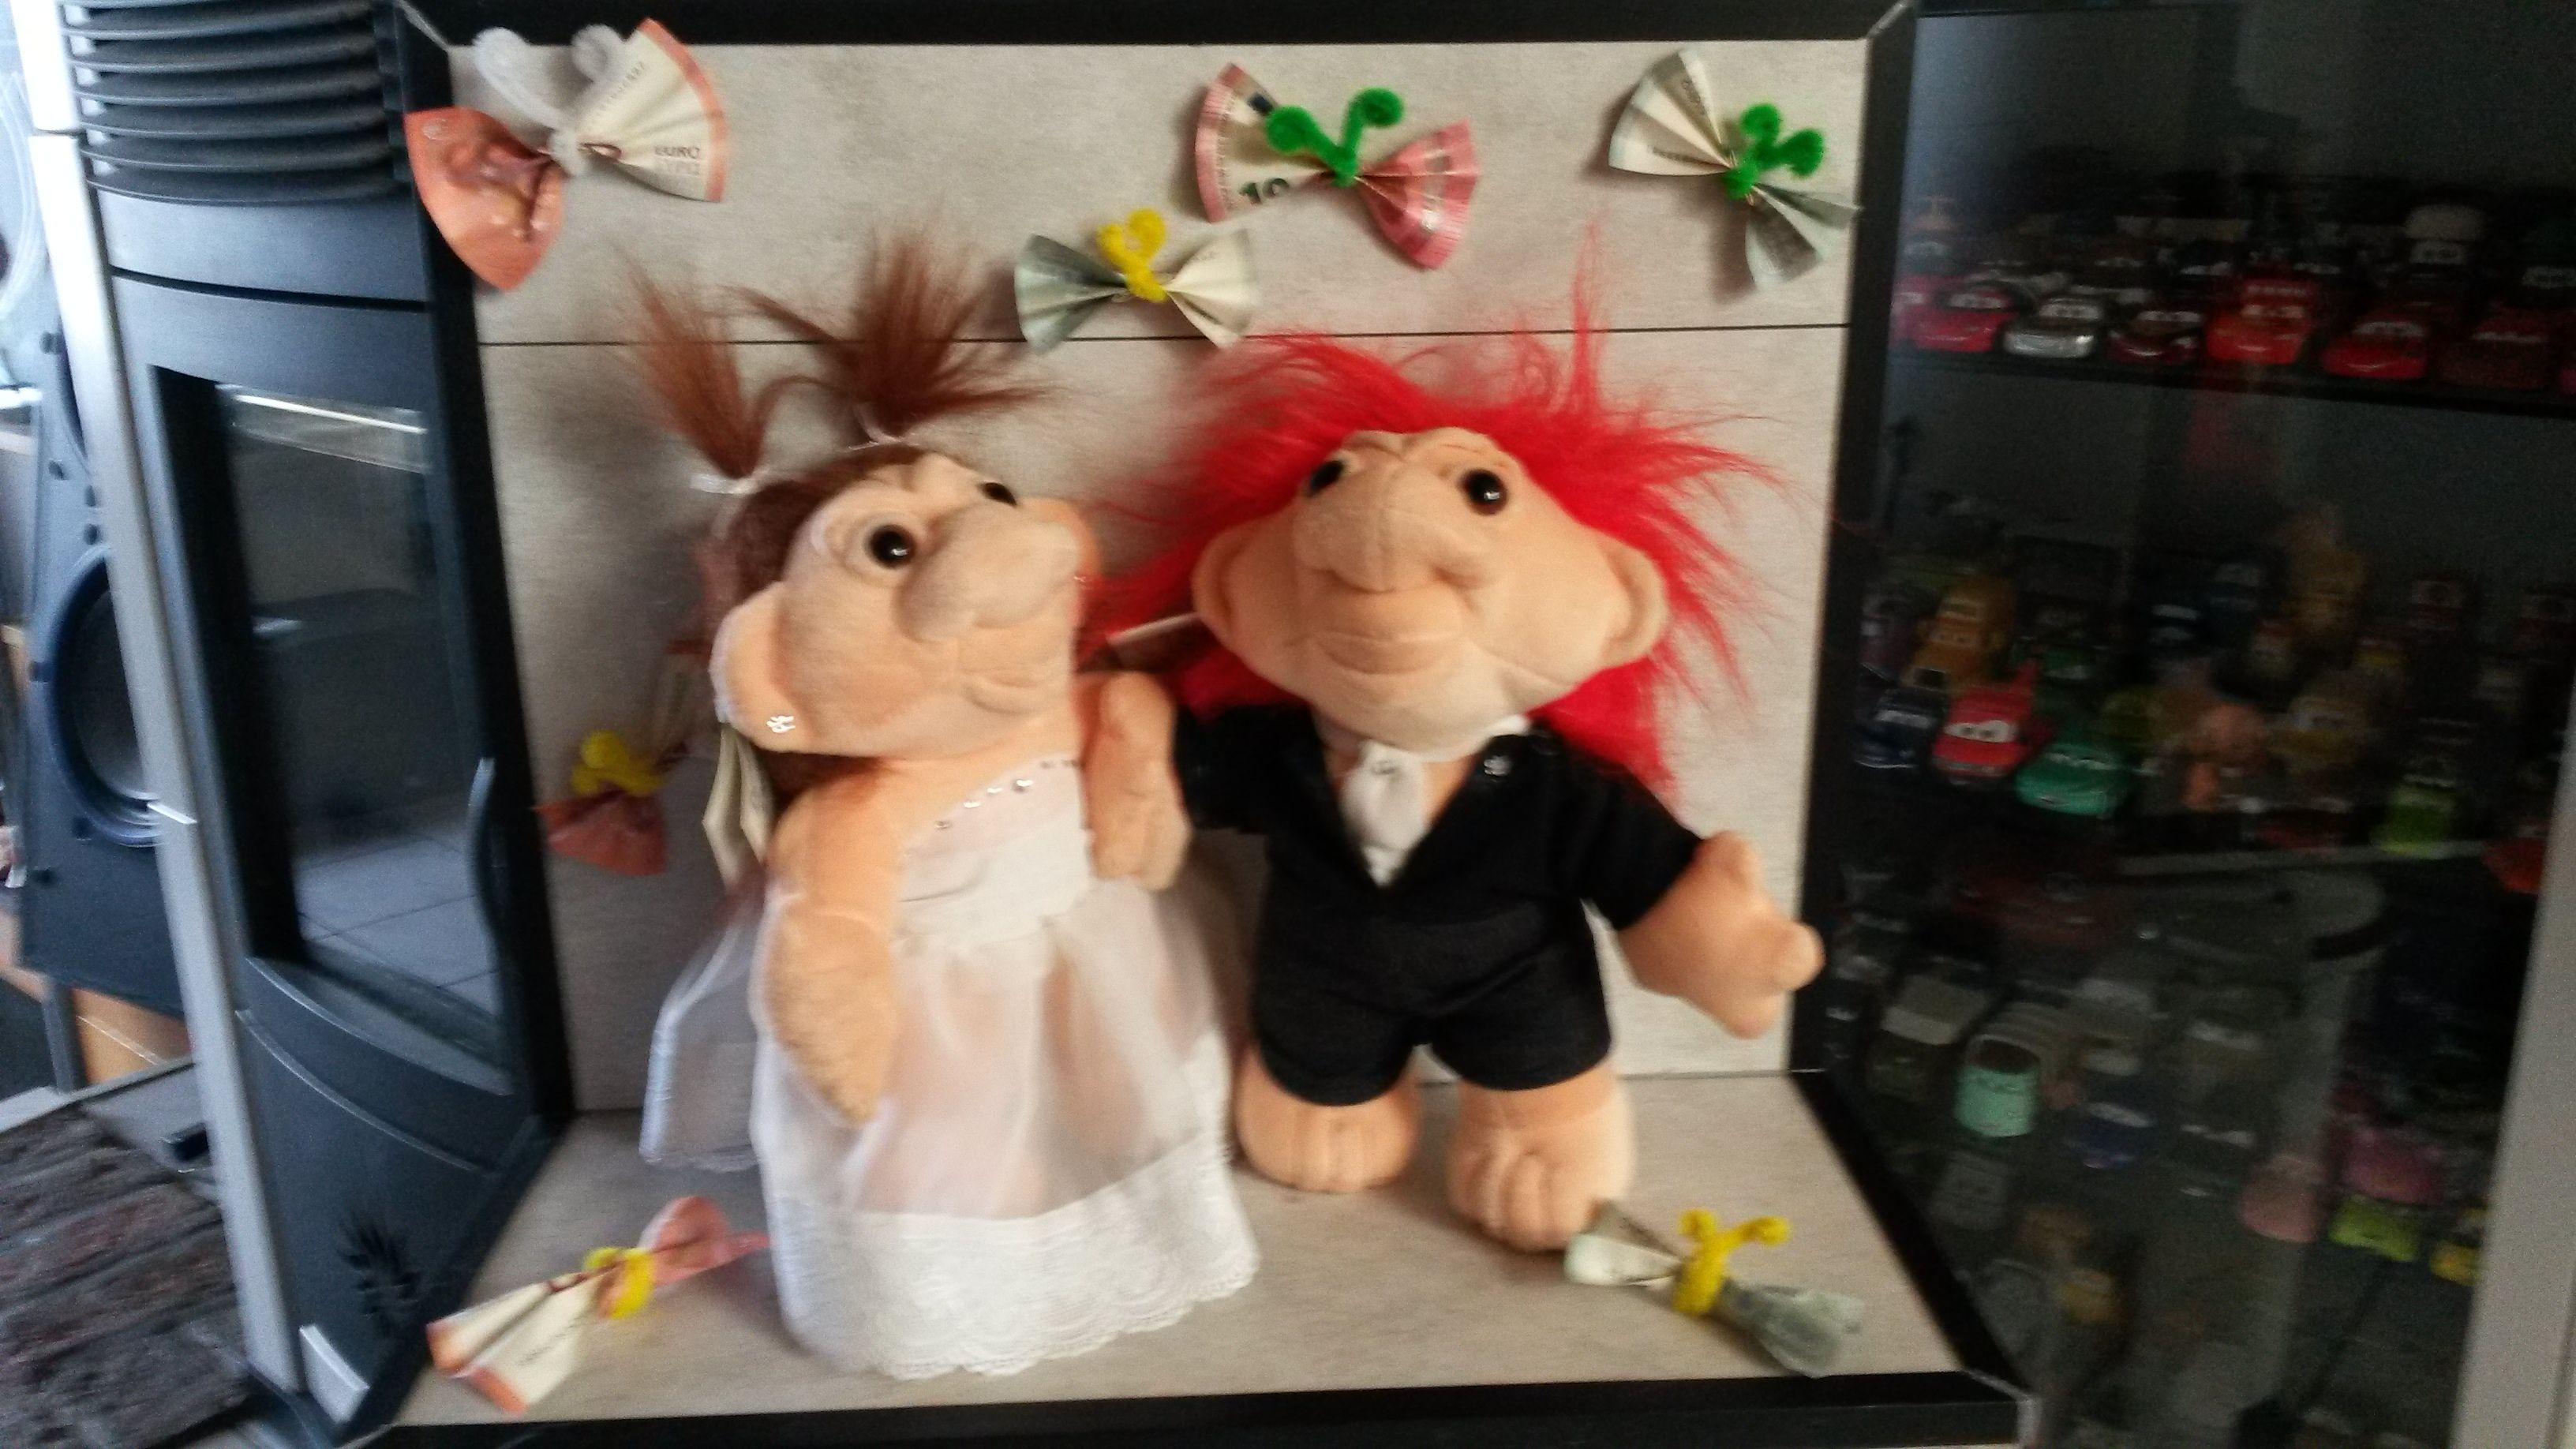 Huwelijks geschenk